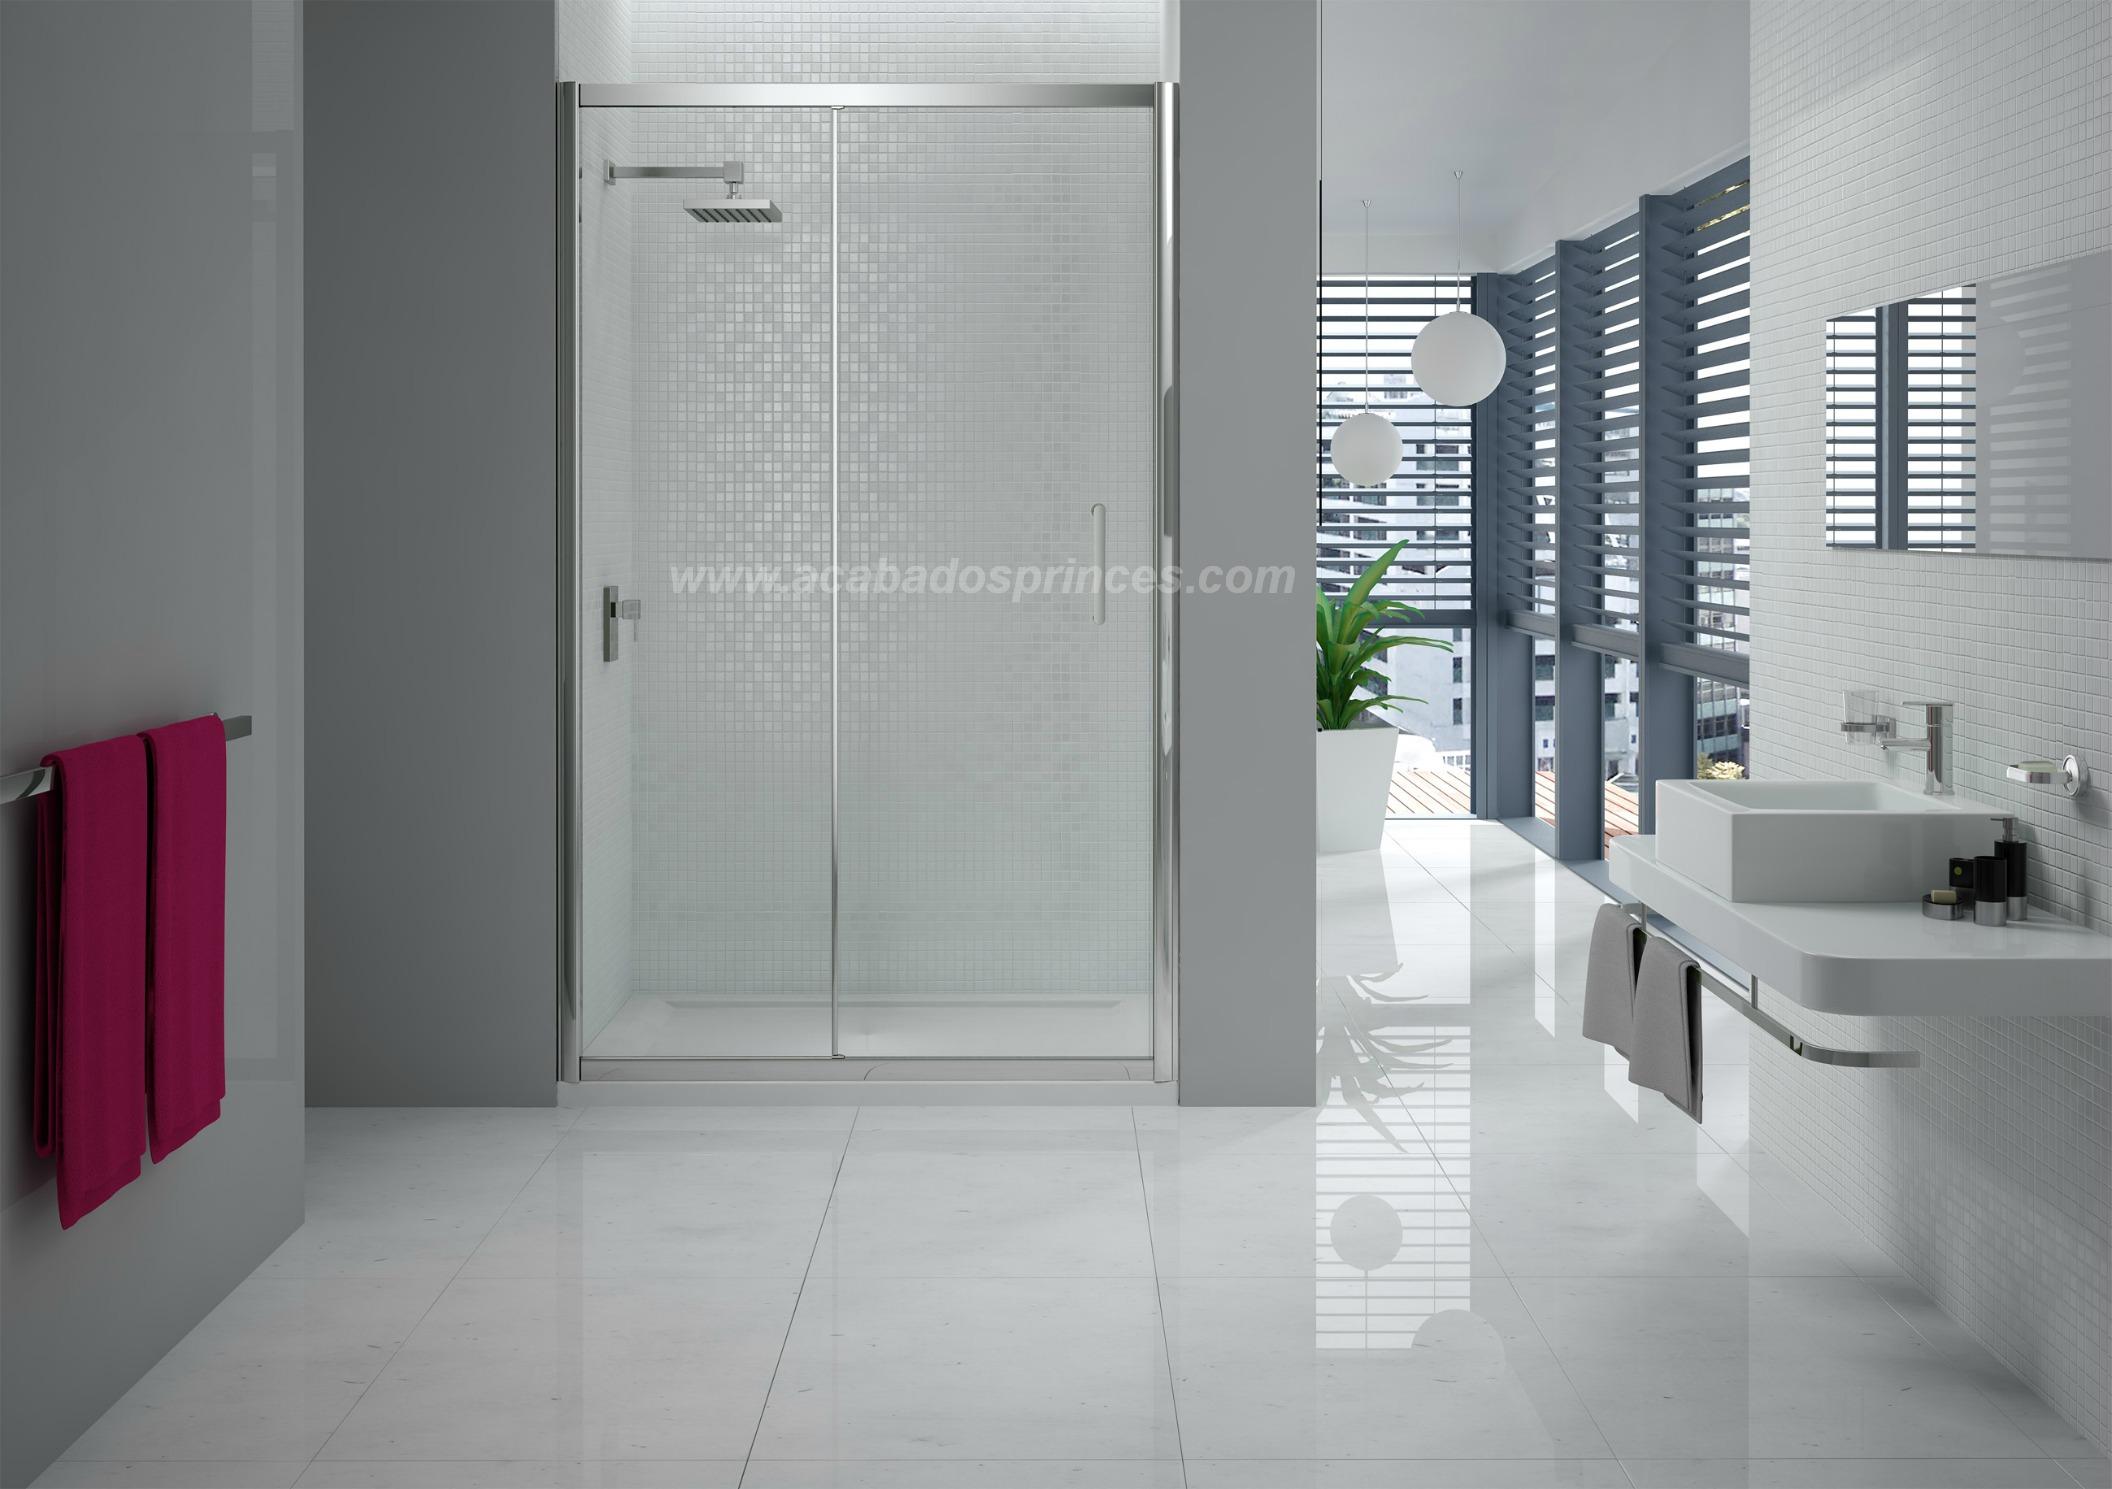 Home - Puertas de cristal para duchas ...